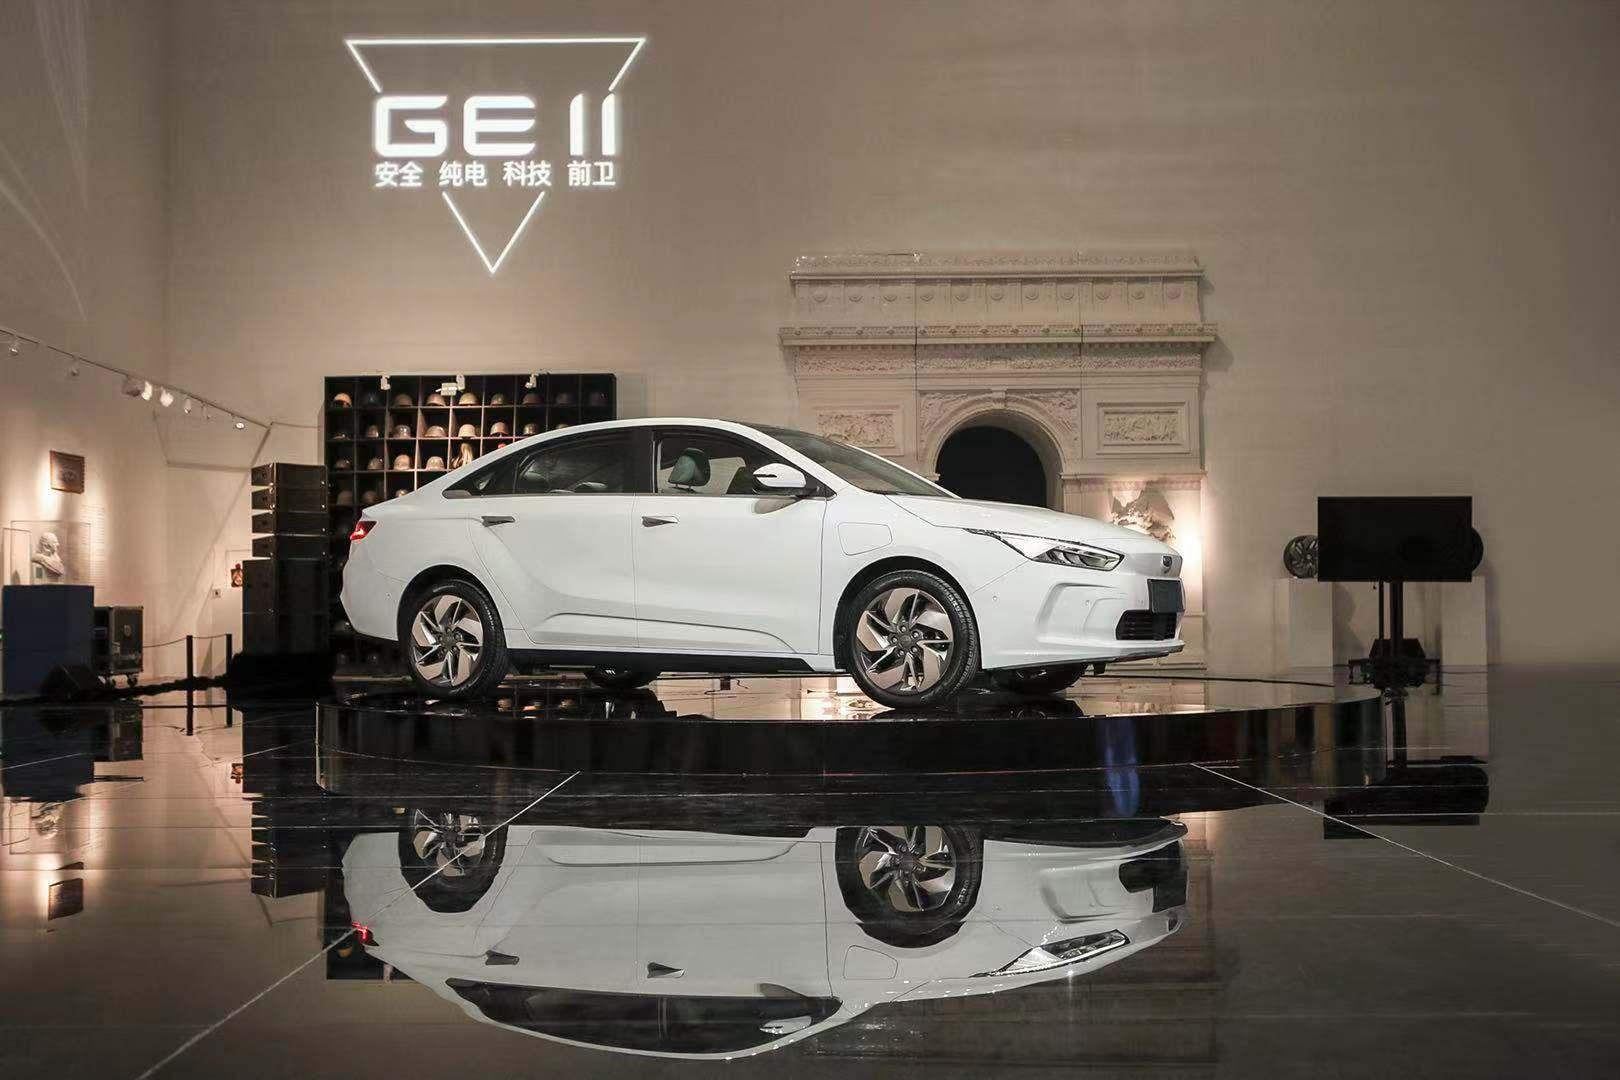 吉利新能源品牌成立,首款GE11车型曝光,基准特斯拉Model 3 |钛新闻